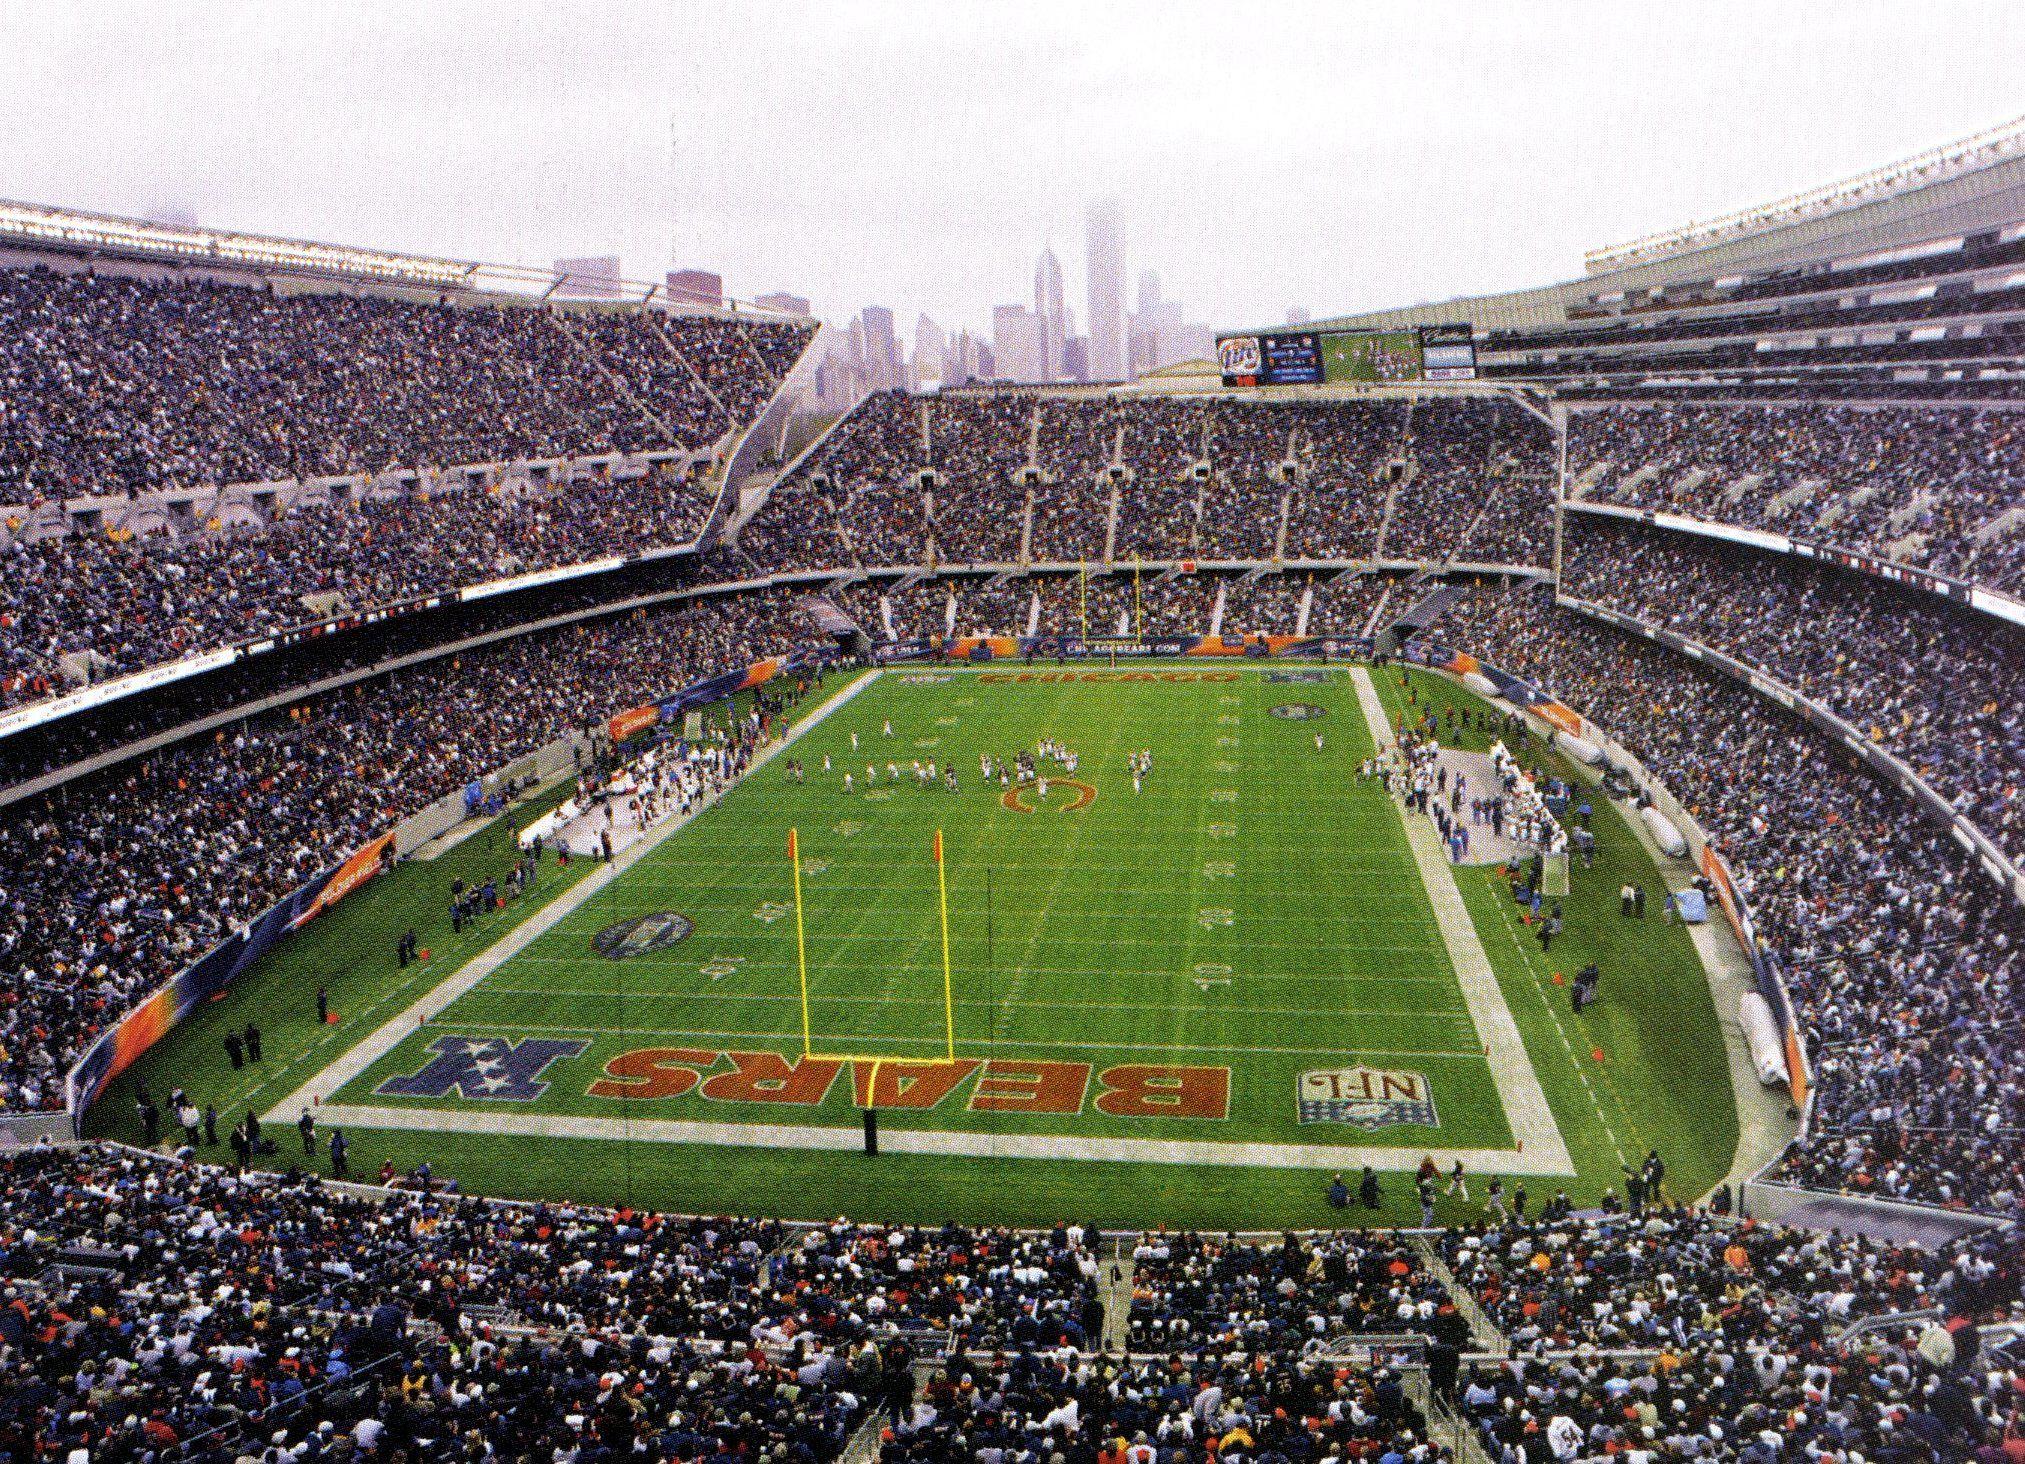 Soldier Field, Chicago, IL.